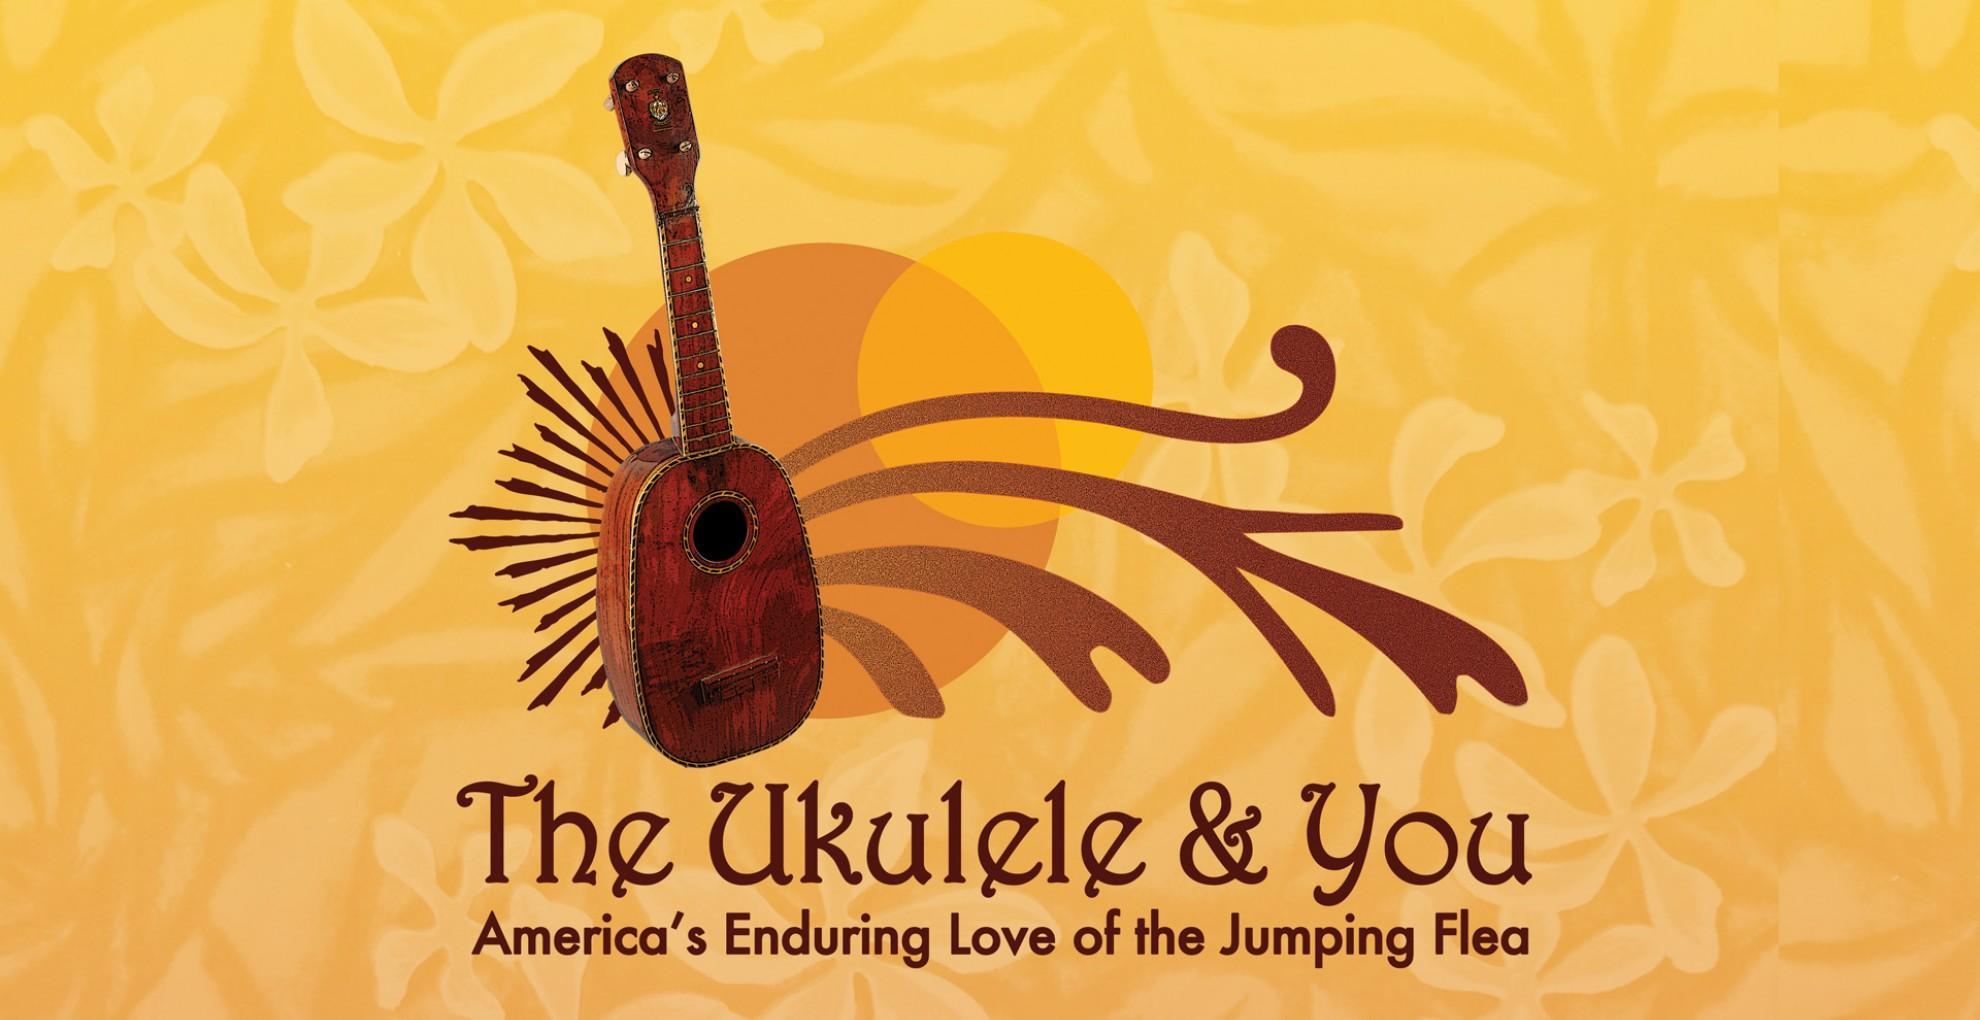 Museum of Making Music The Ukulele & You